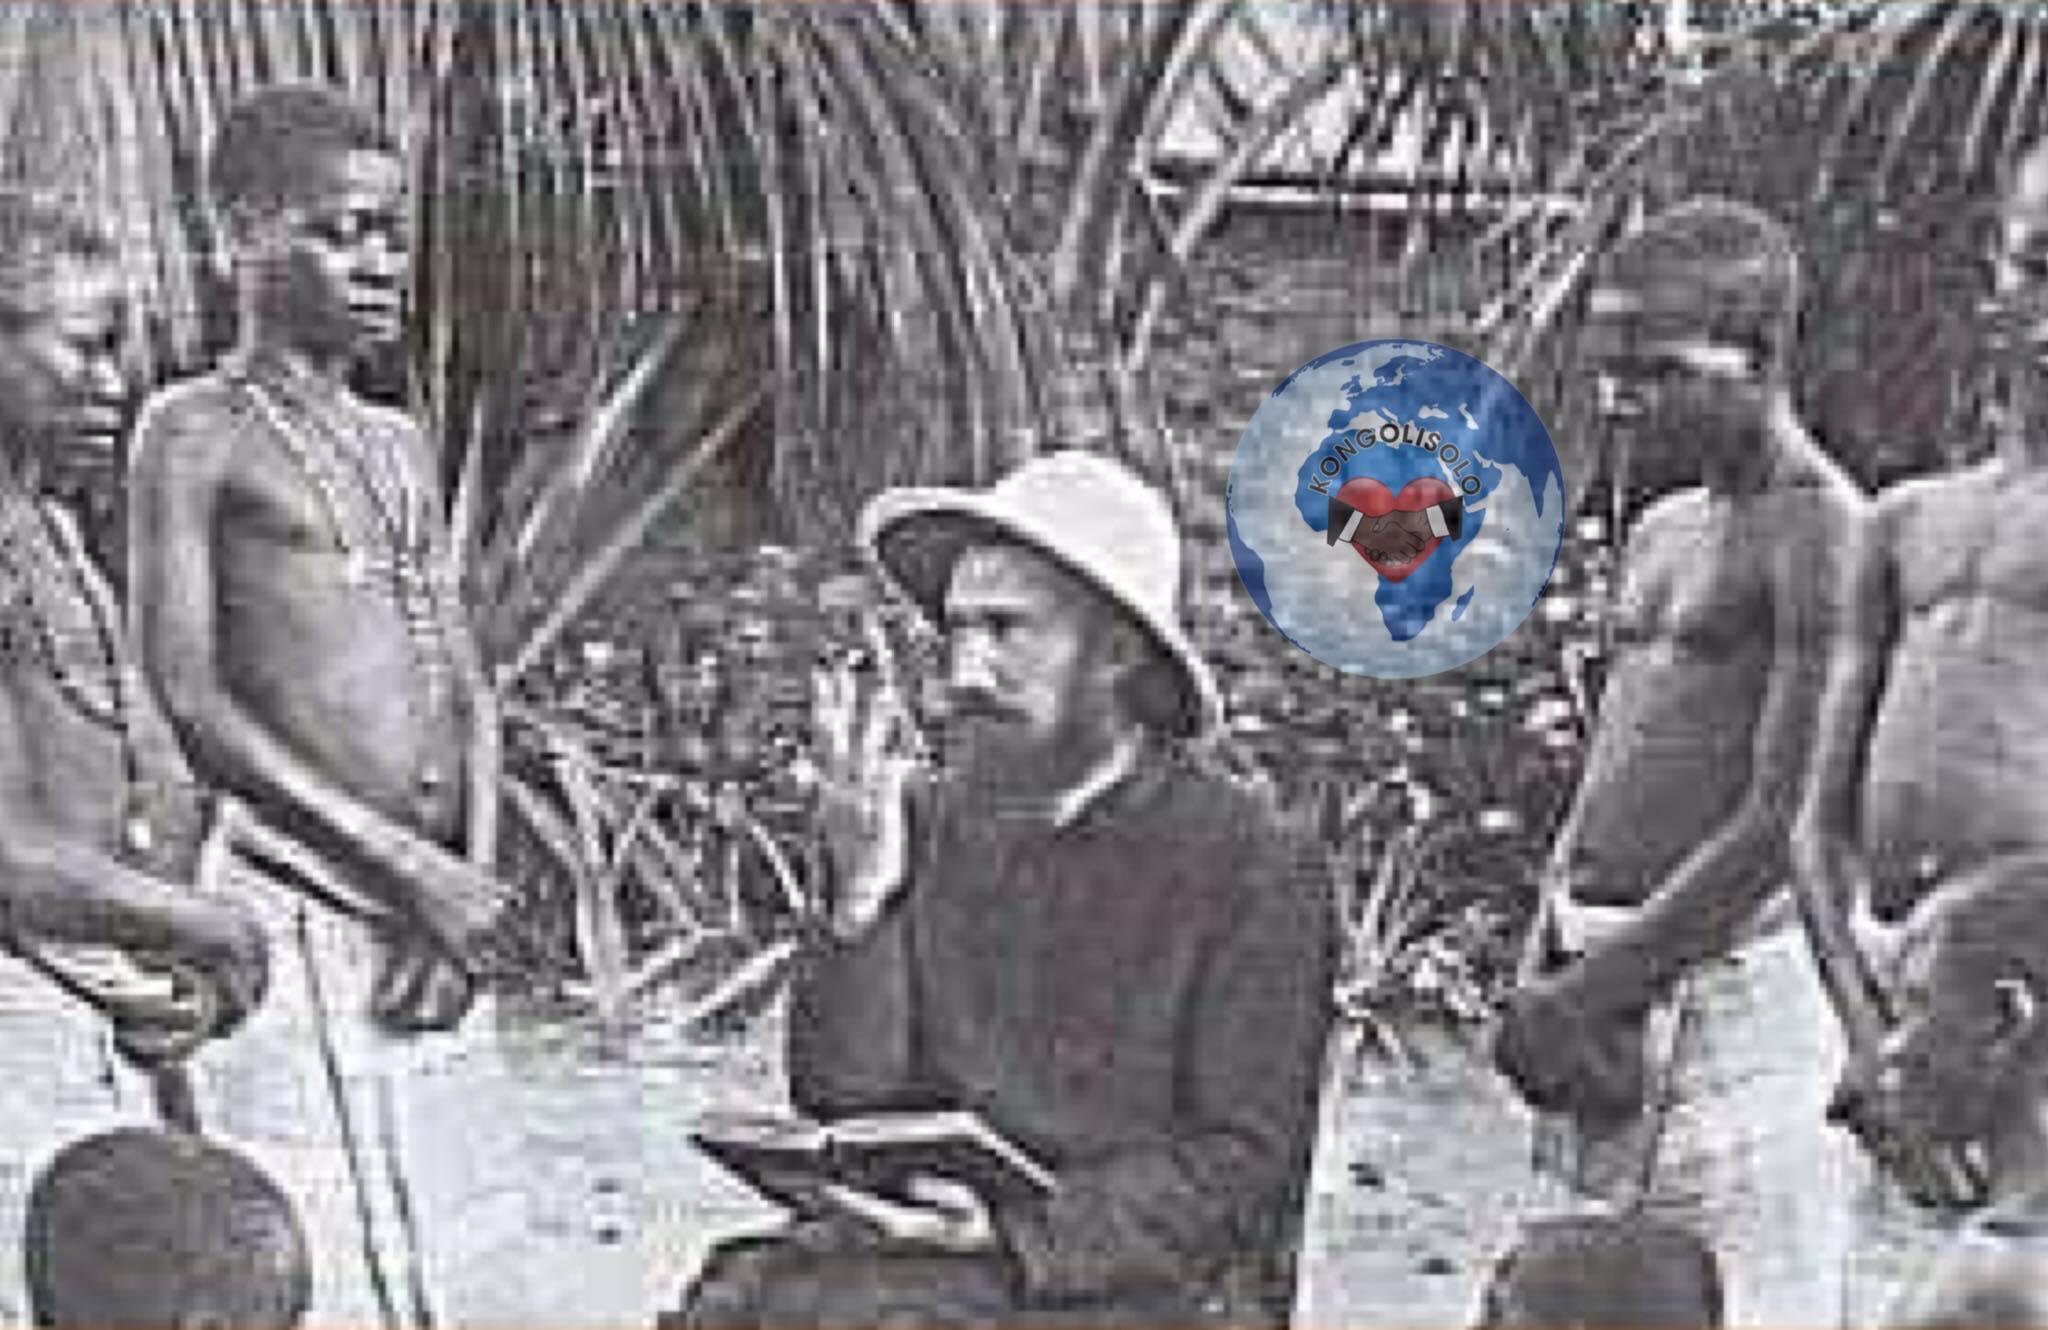 Wahudumu wa hewa wa Kampuni ya Air Zaire ya Zaire, Leo Jamhuri ya Kidemokrasia ya Kongo